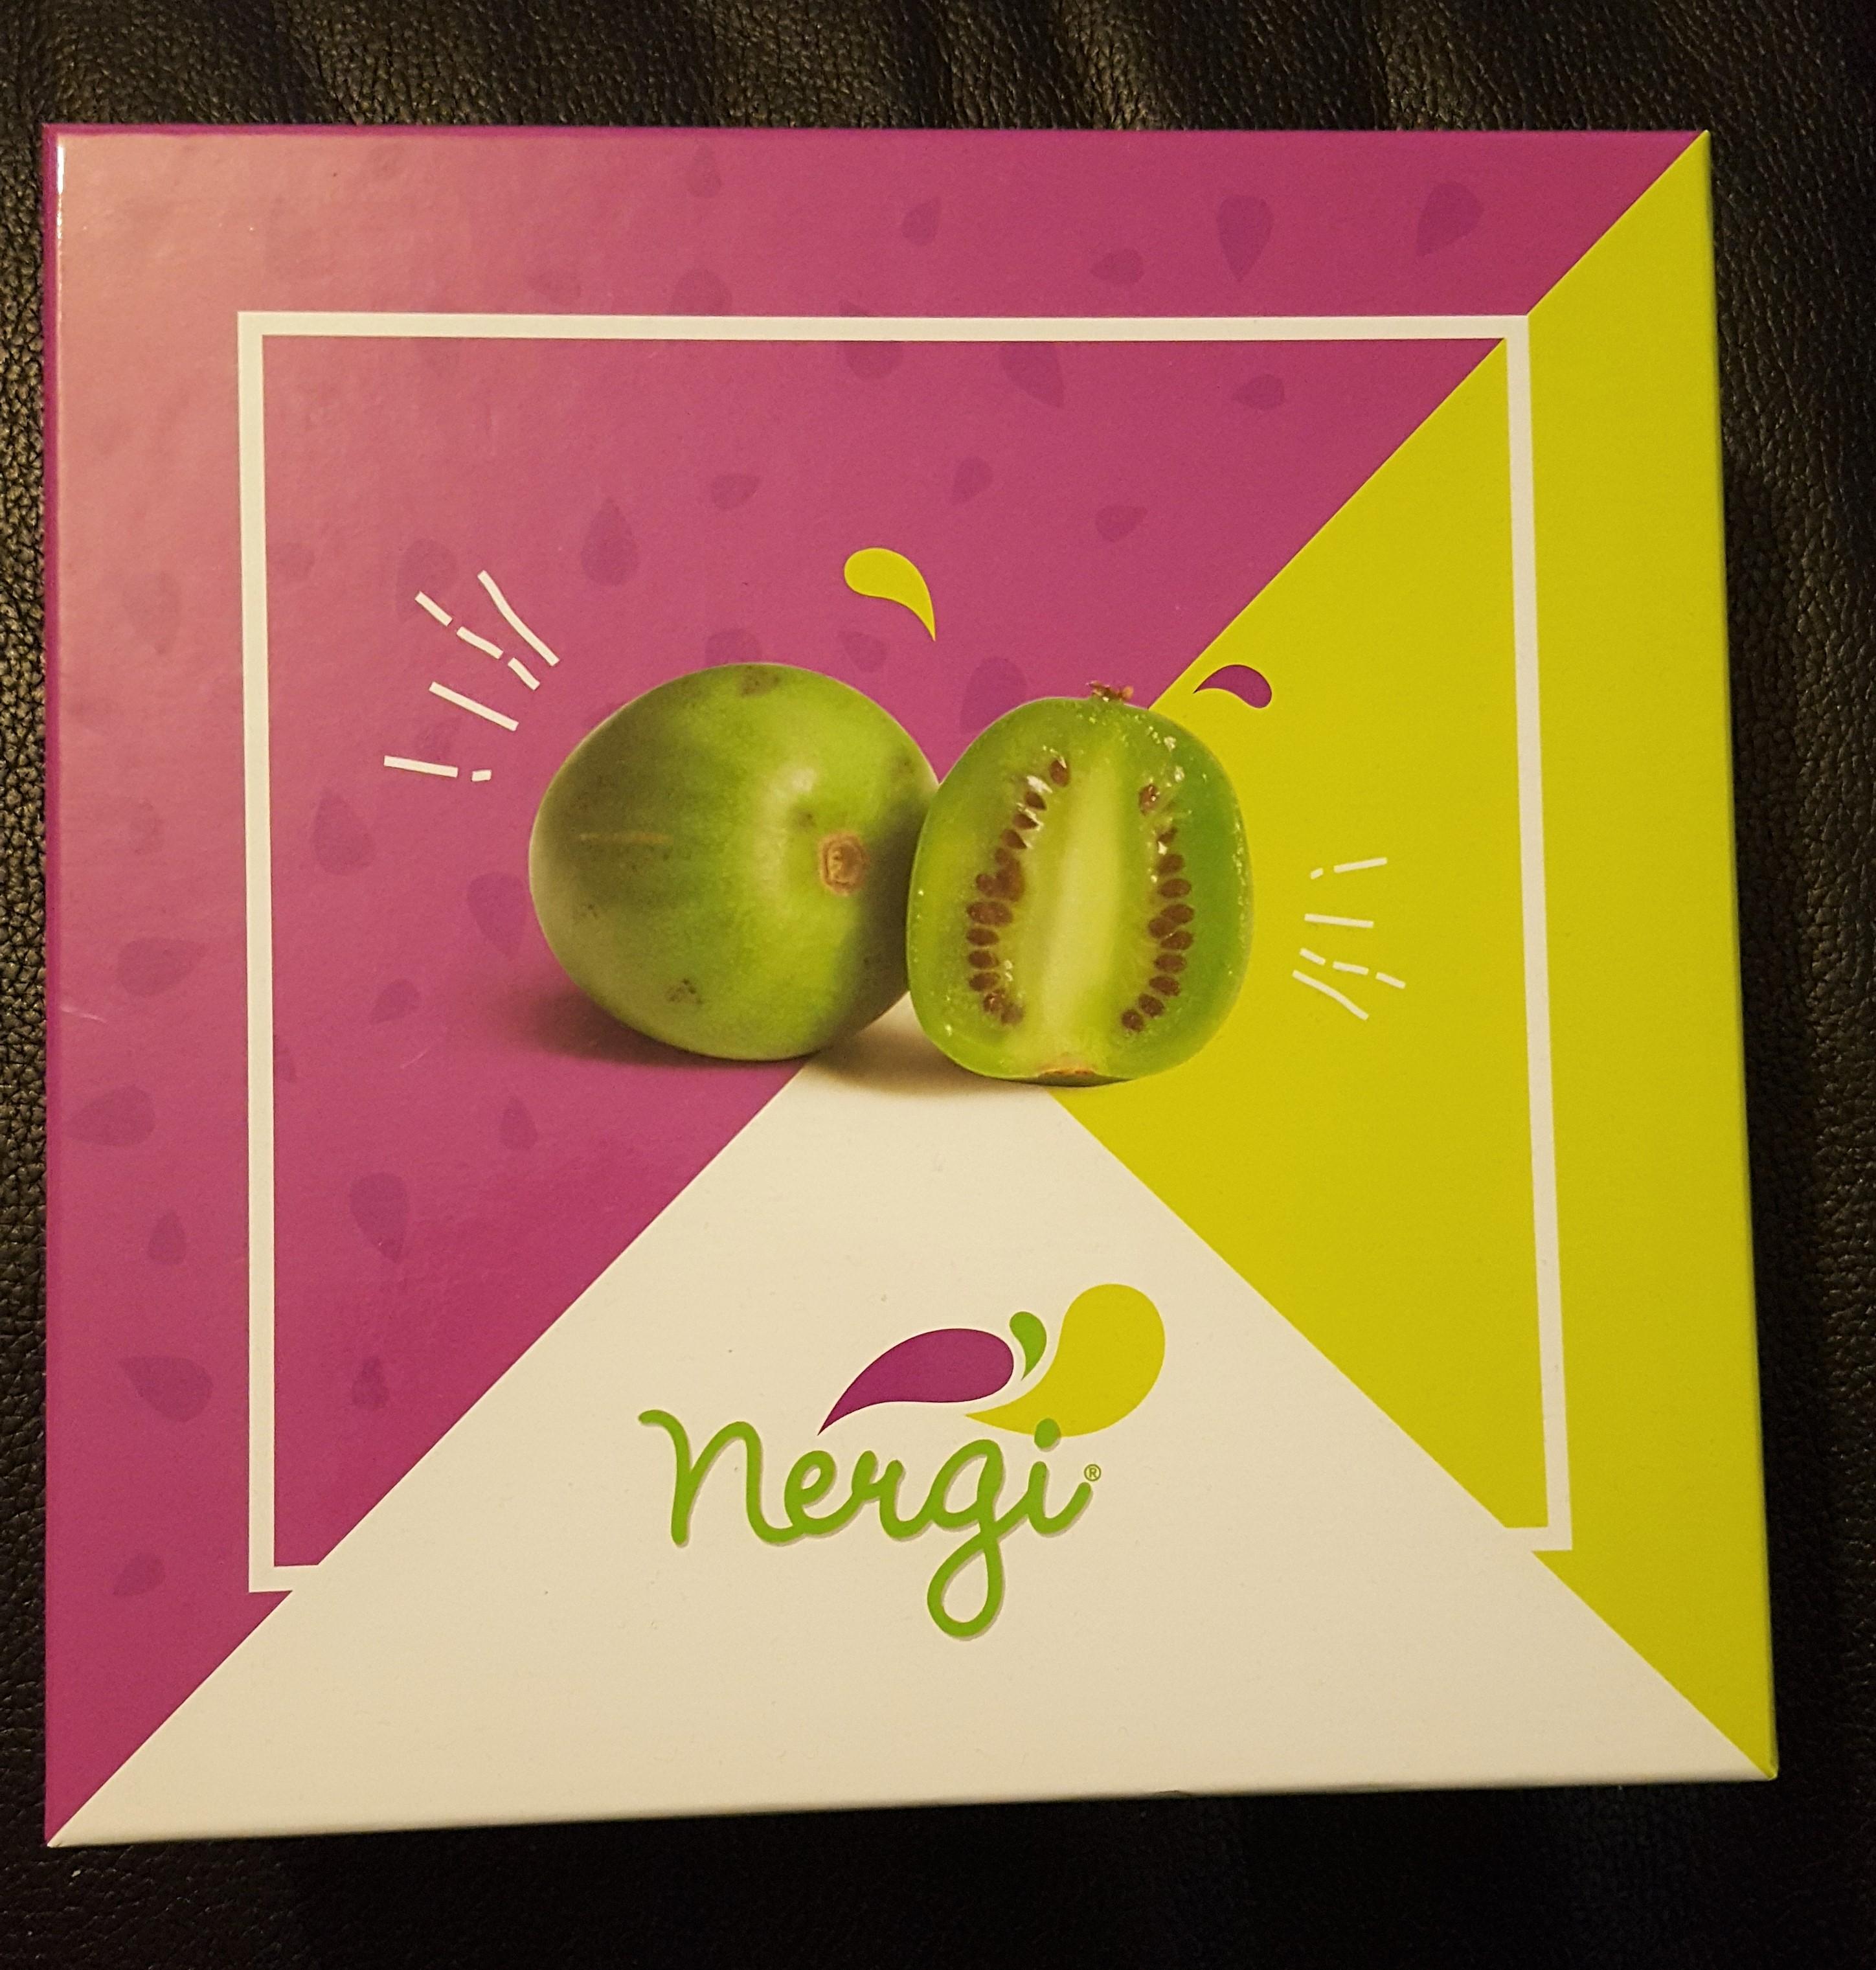 Nergi berry fruit